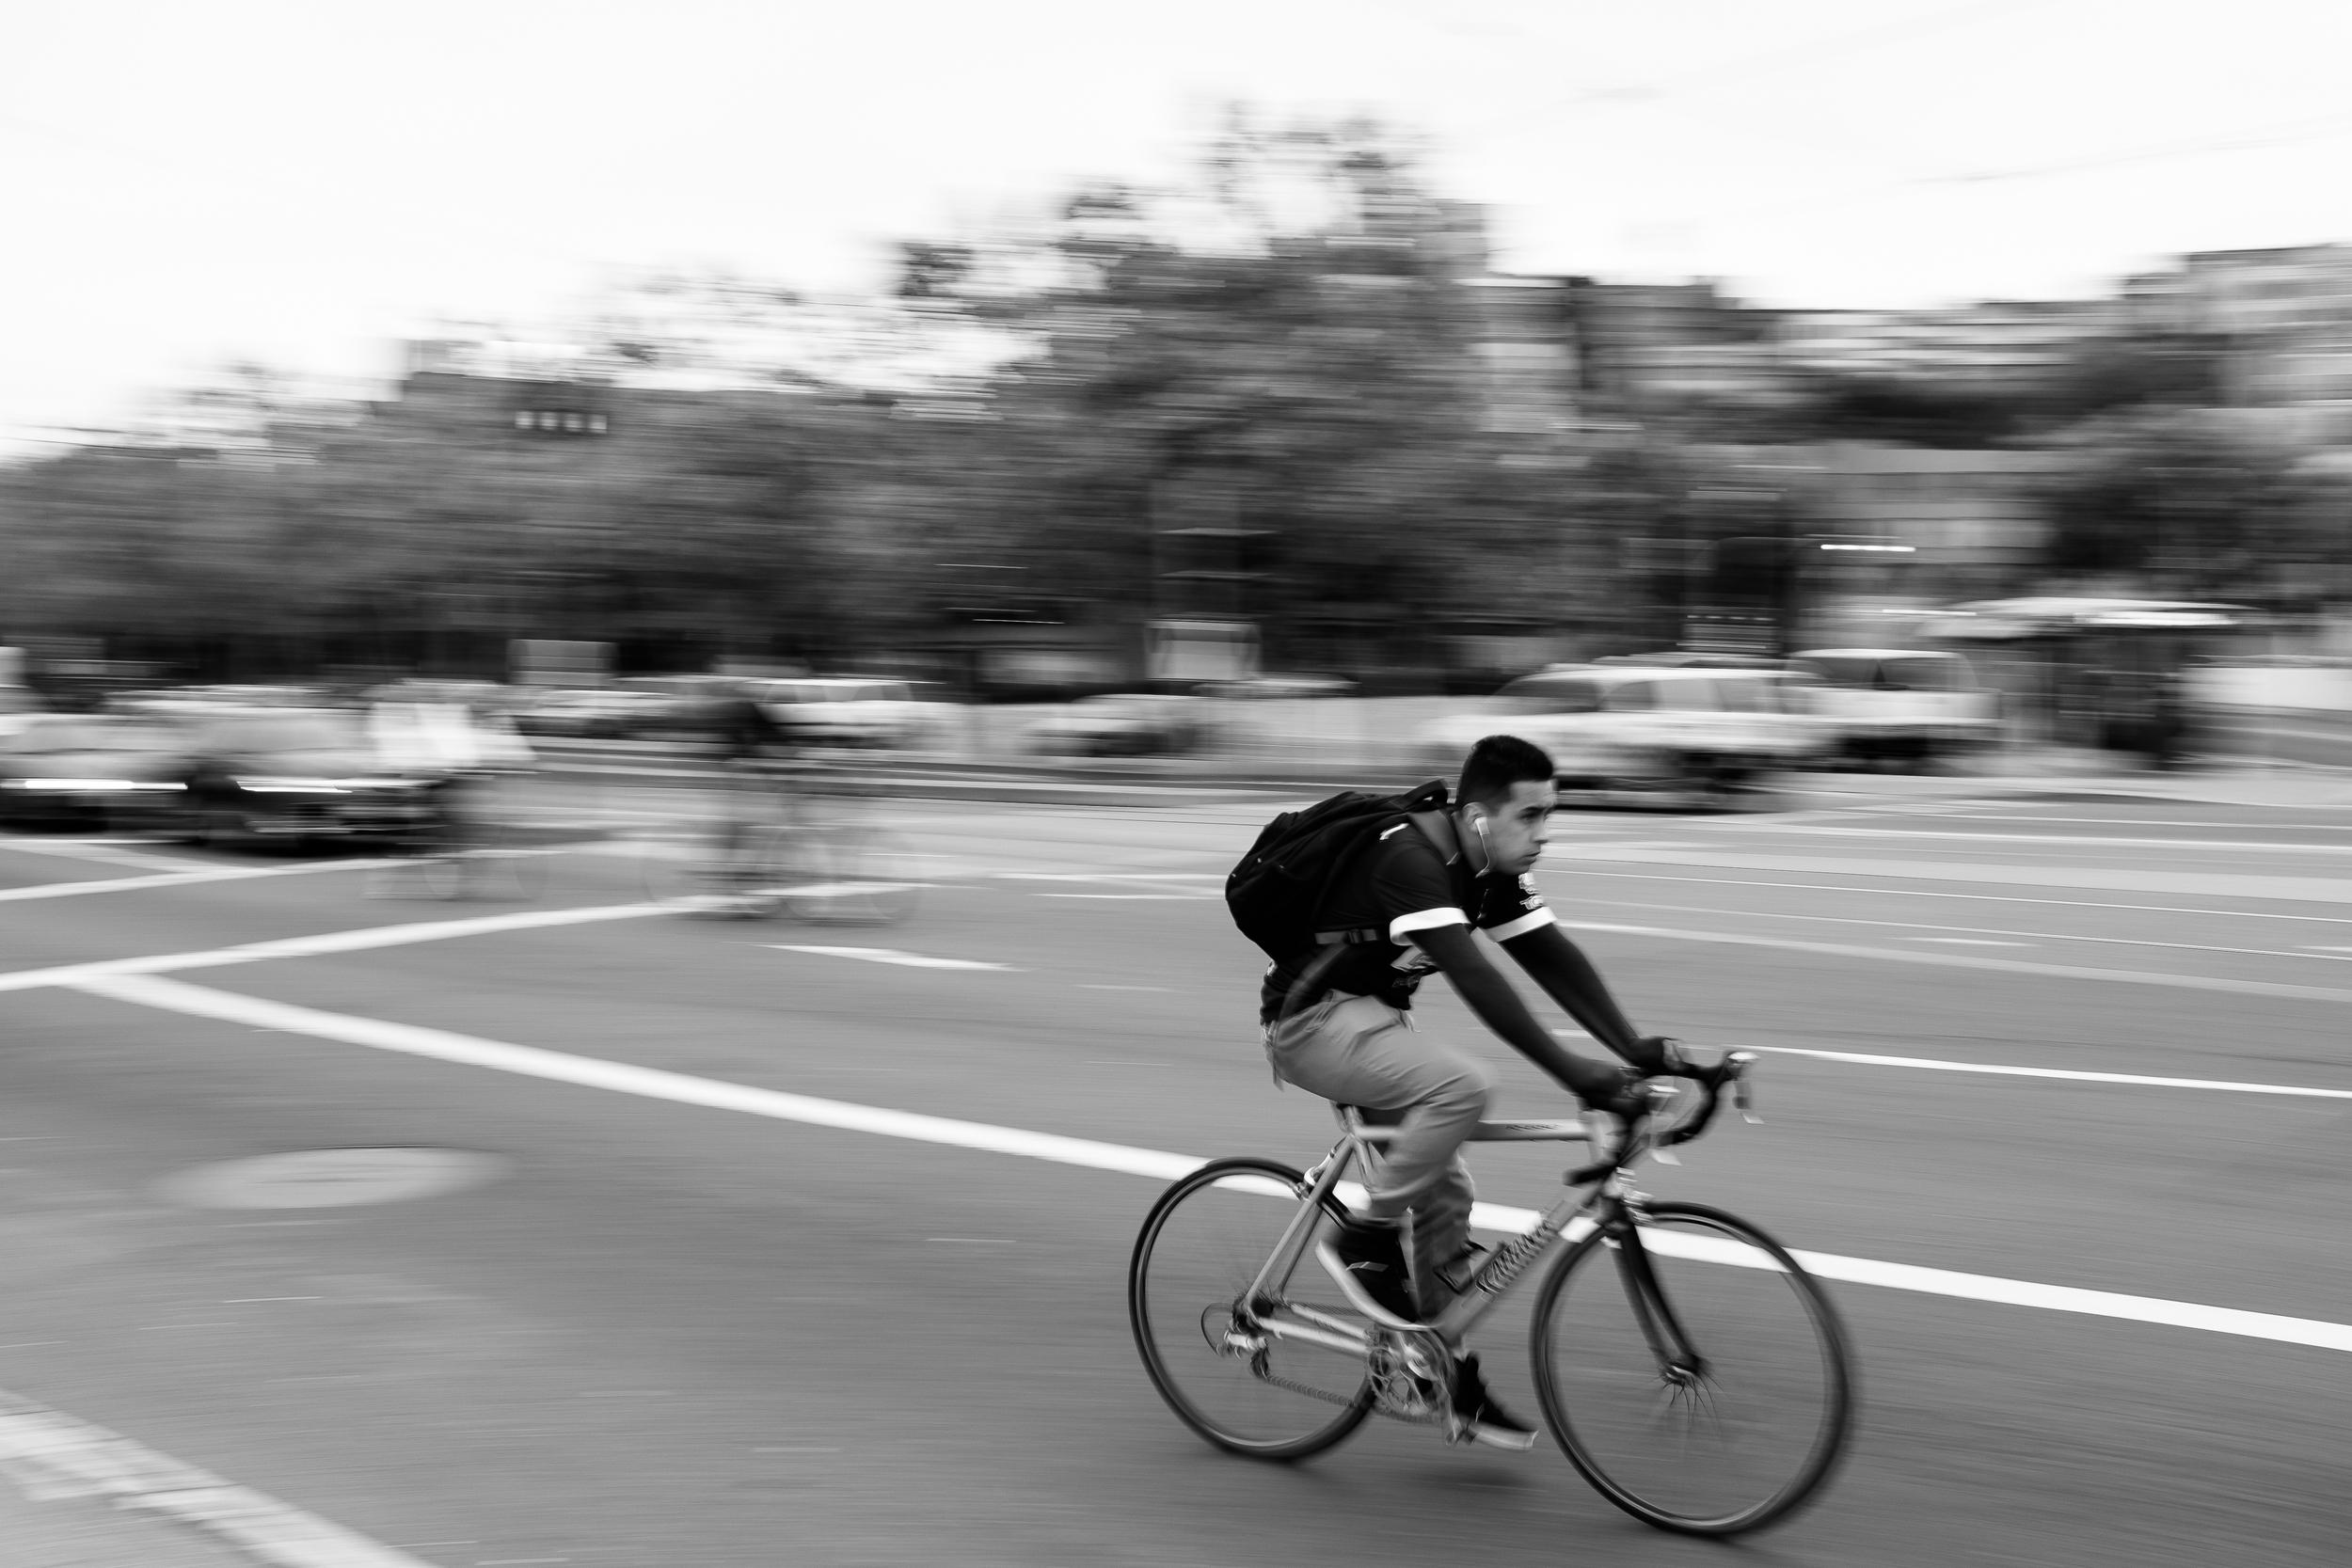 Cyclist, Embarcadero, San Francisco, CA, Fuji X100T